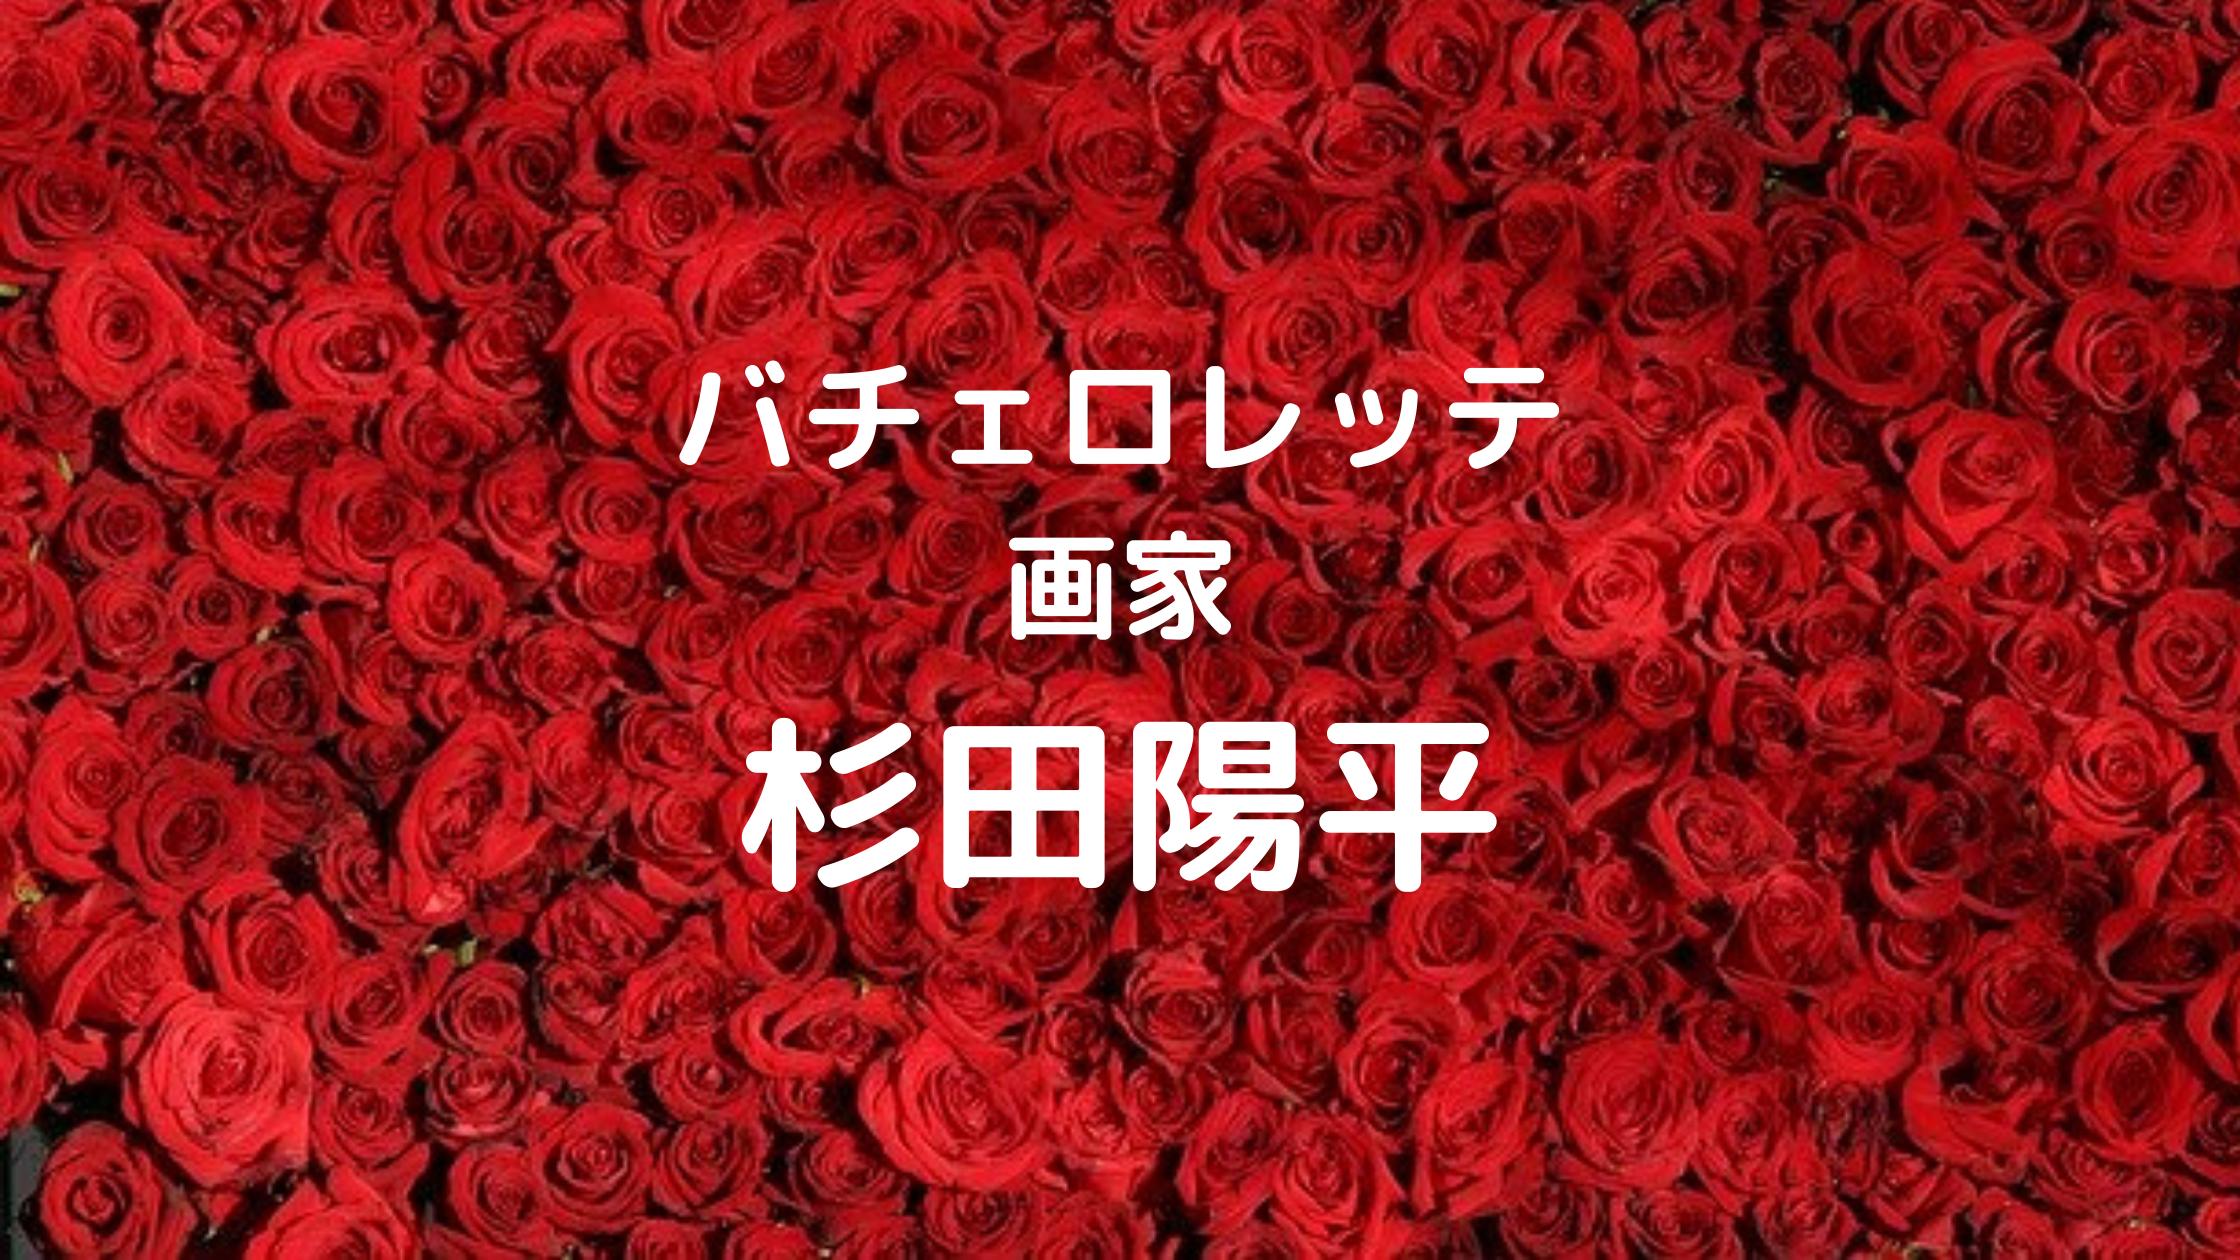 杉田陽平の画像 p1_16